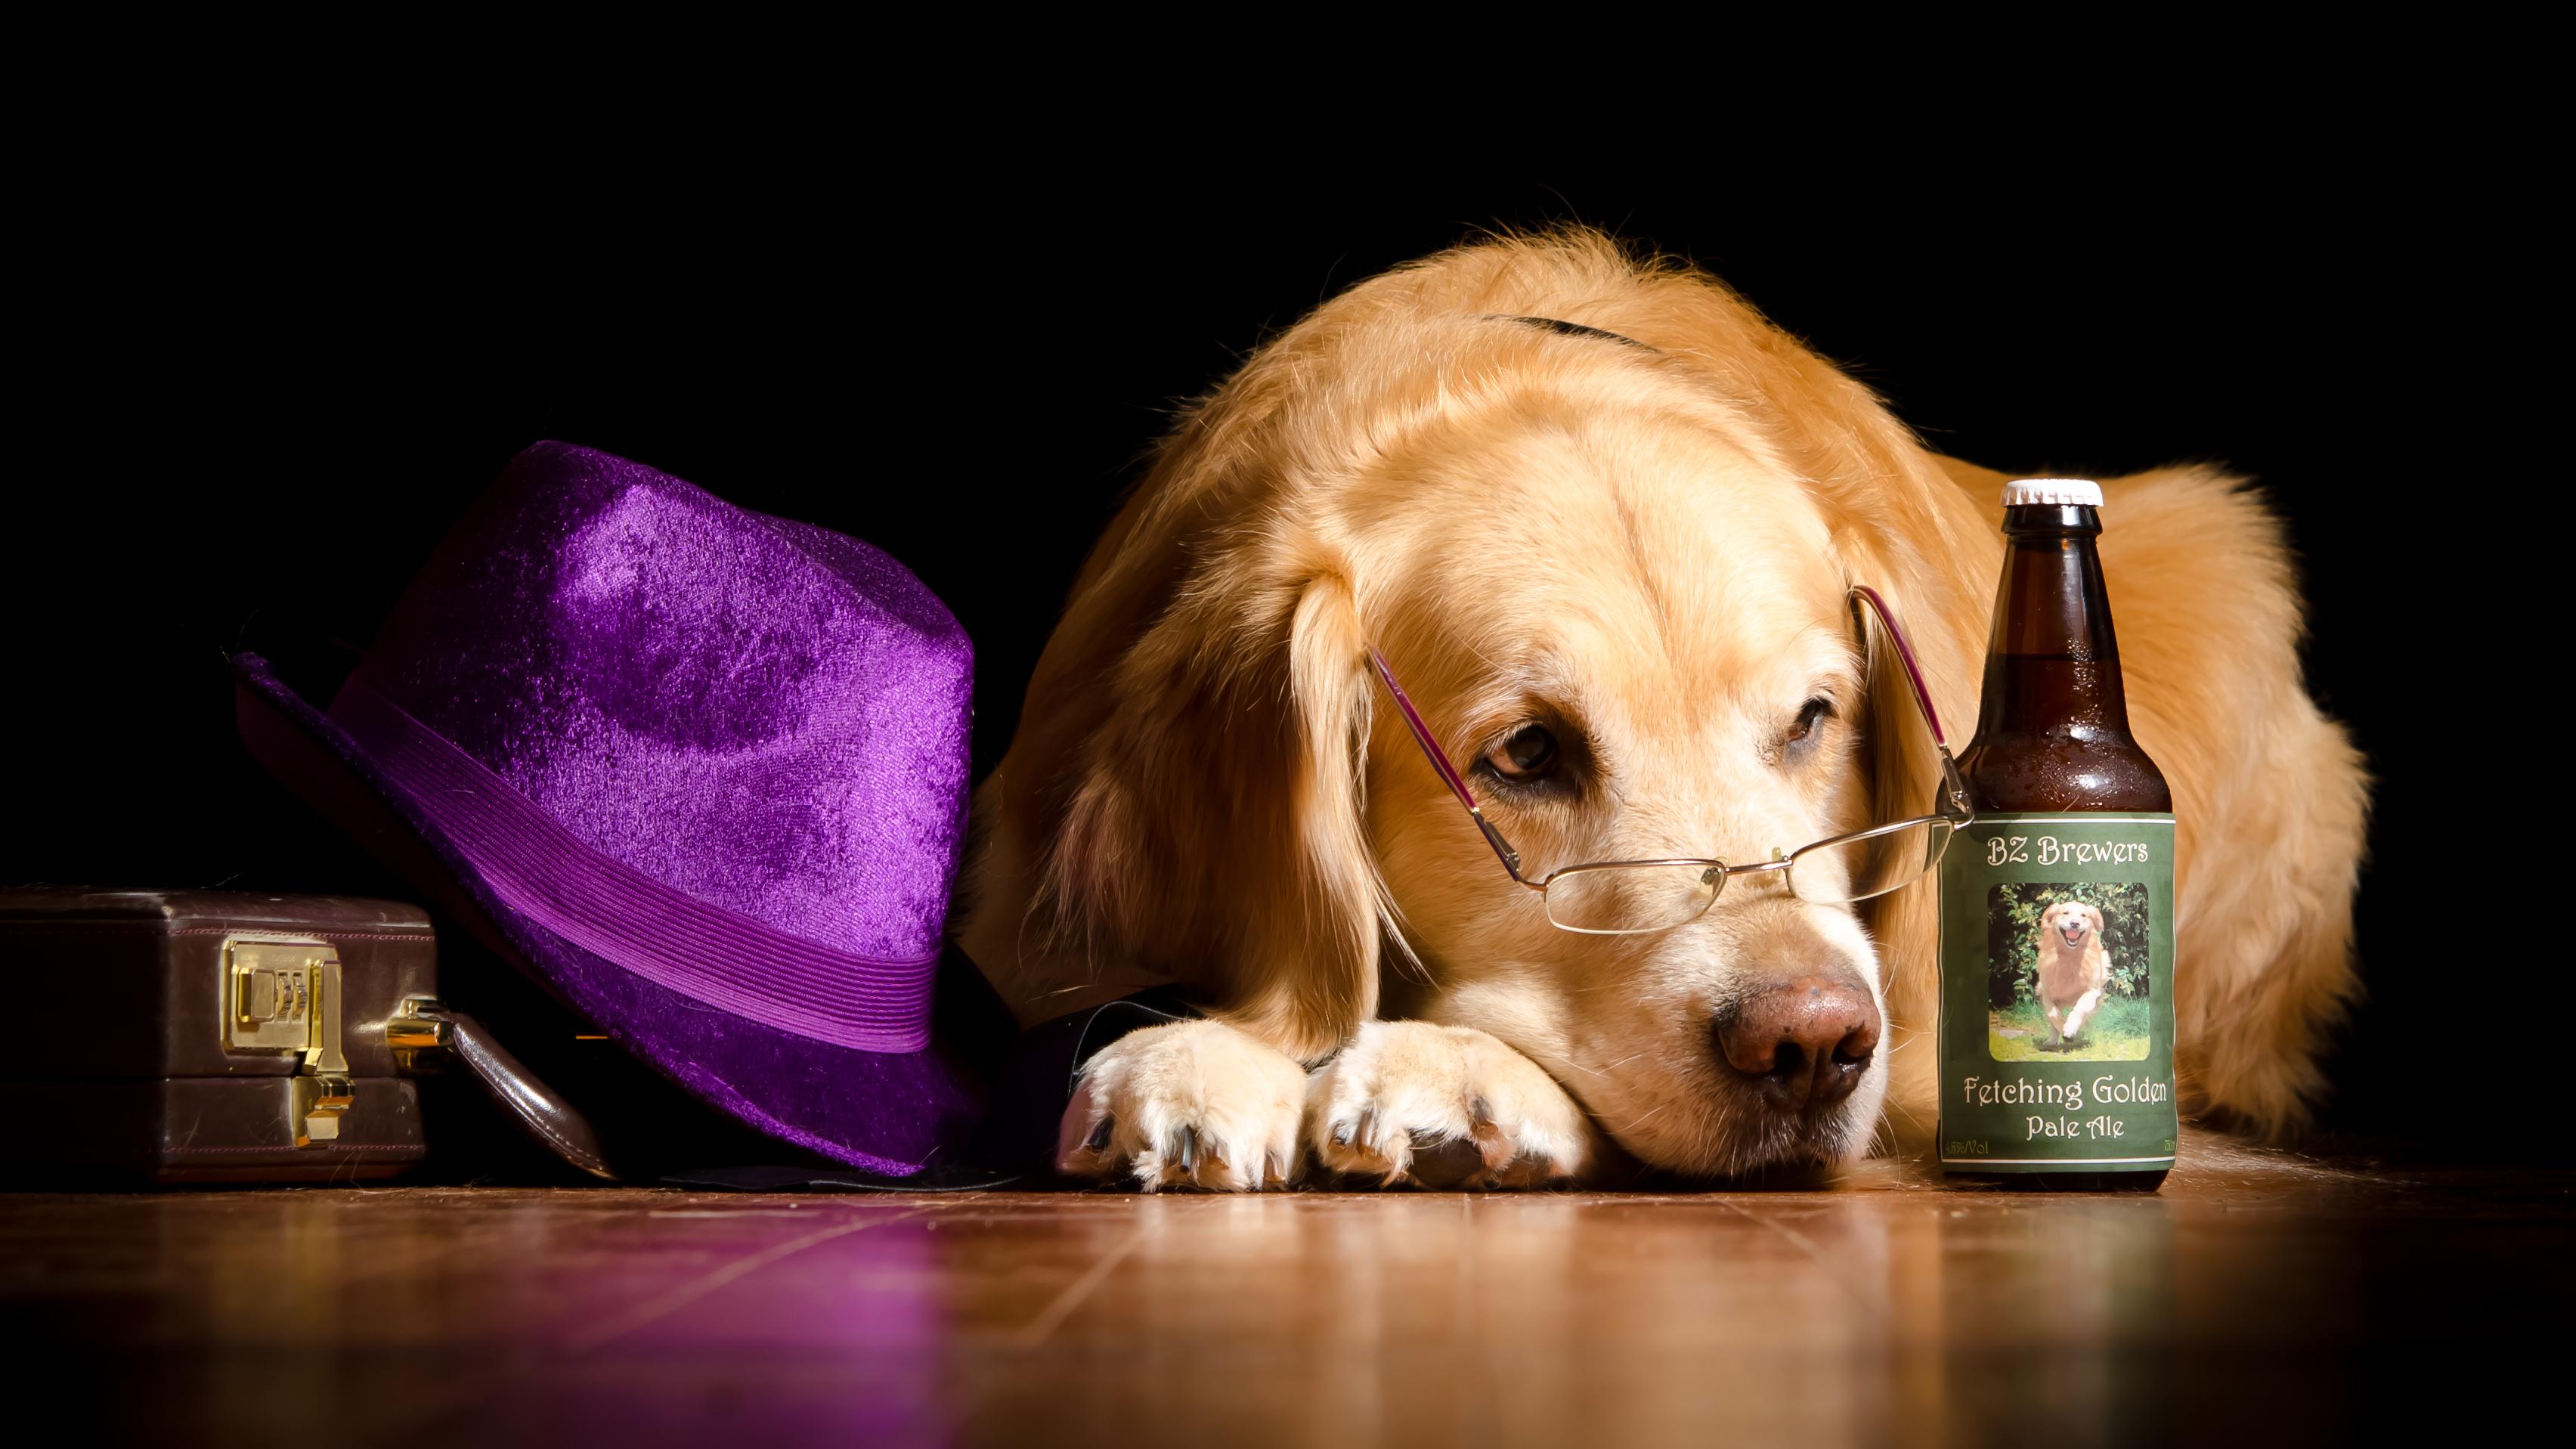 Певец собака юмор очки  № 1527462 бесплатно